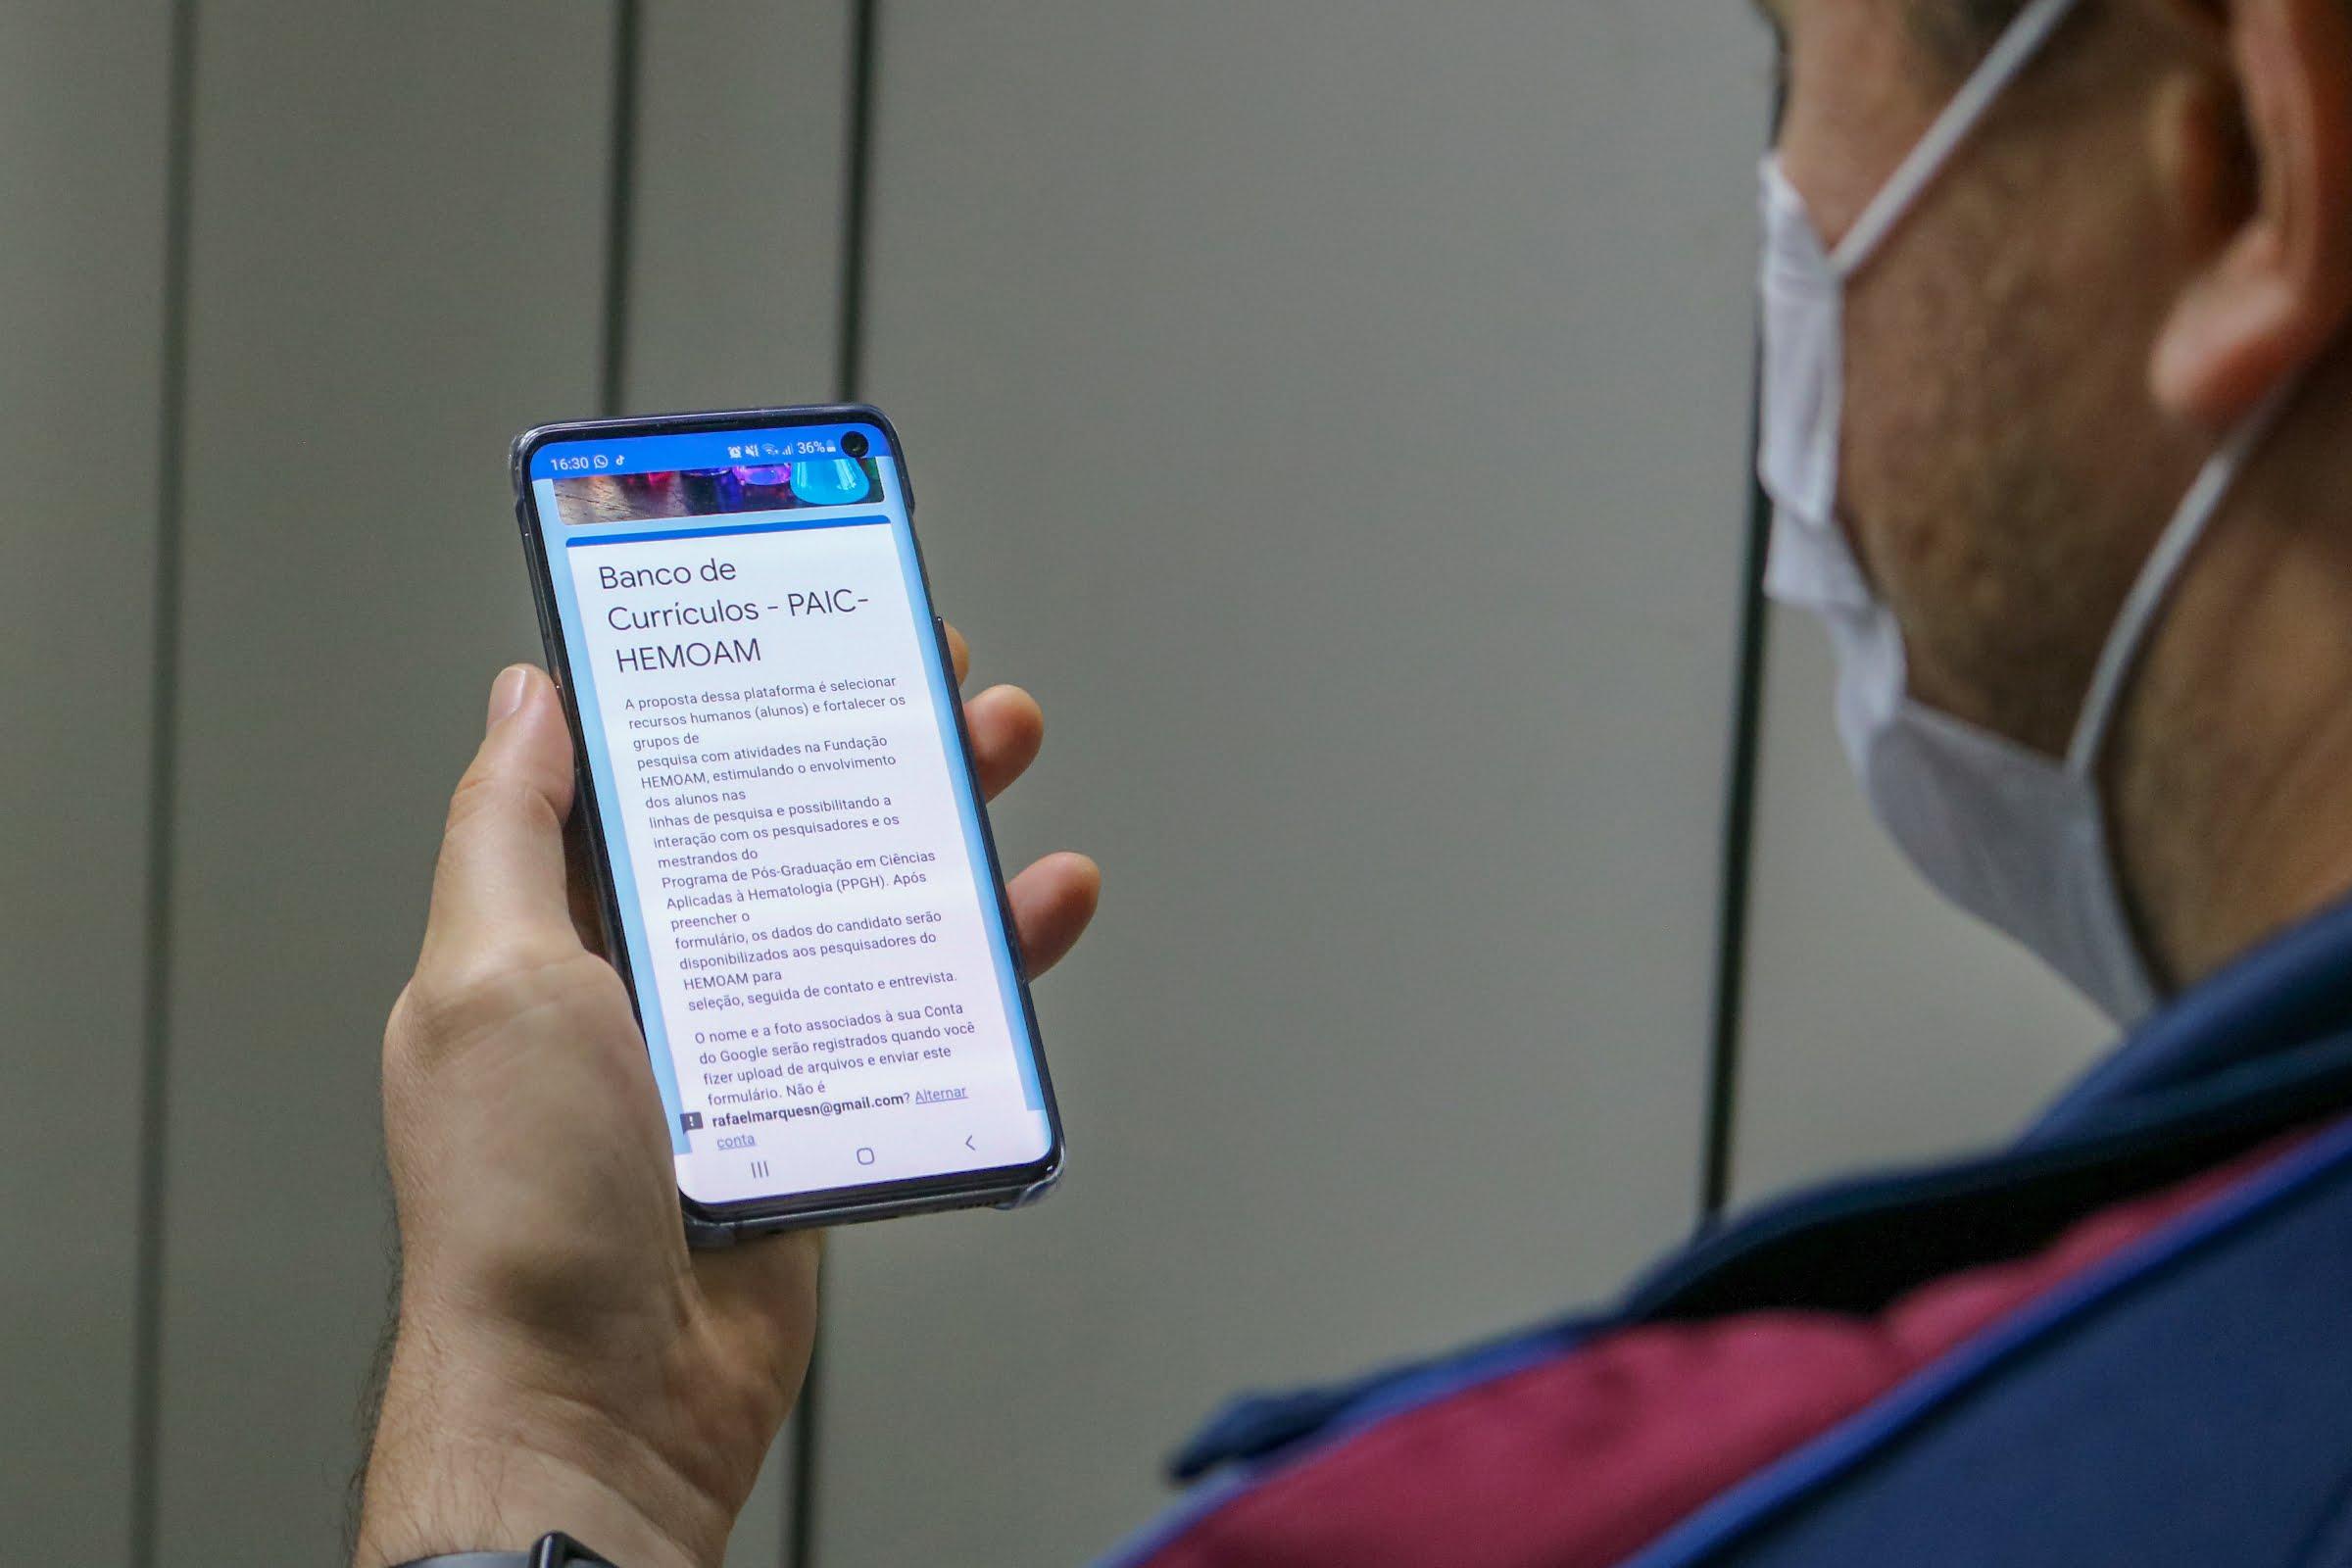 Hemoam lança banco de currículos virtual para seleção de bolsistas em Projetos de Iniciação Científica